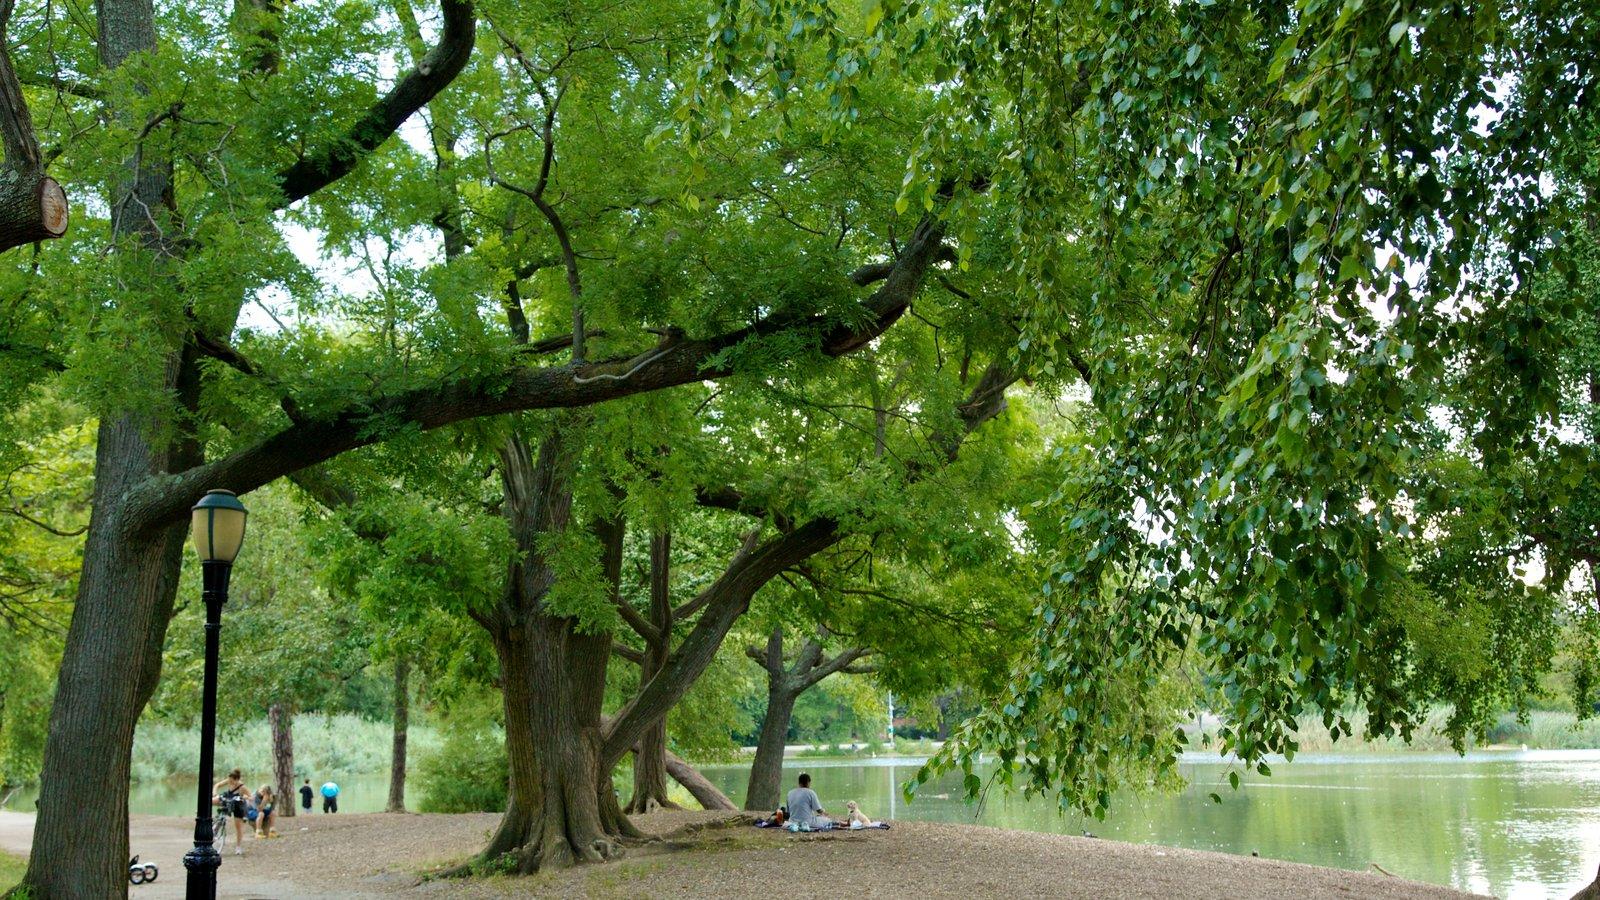 Brooklyn caracterizando um jardim, cenas de floresta e um lago